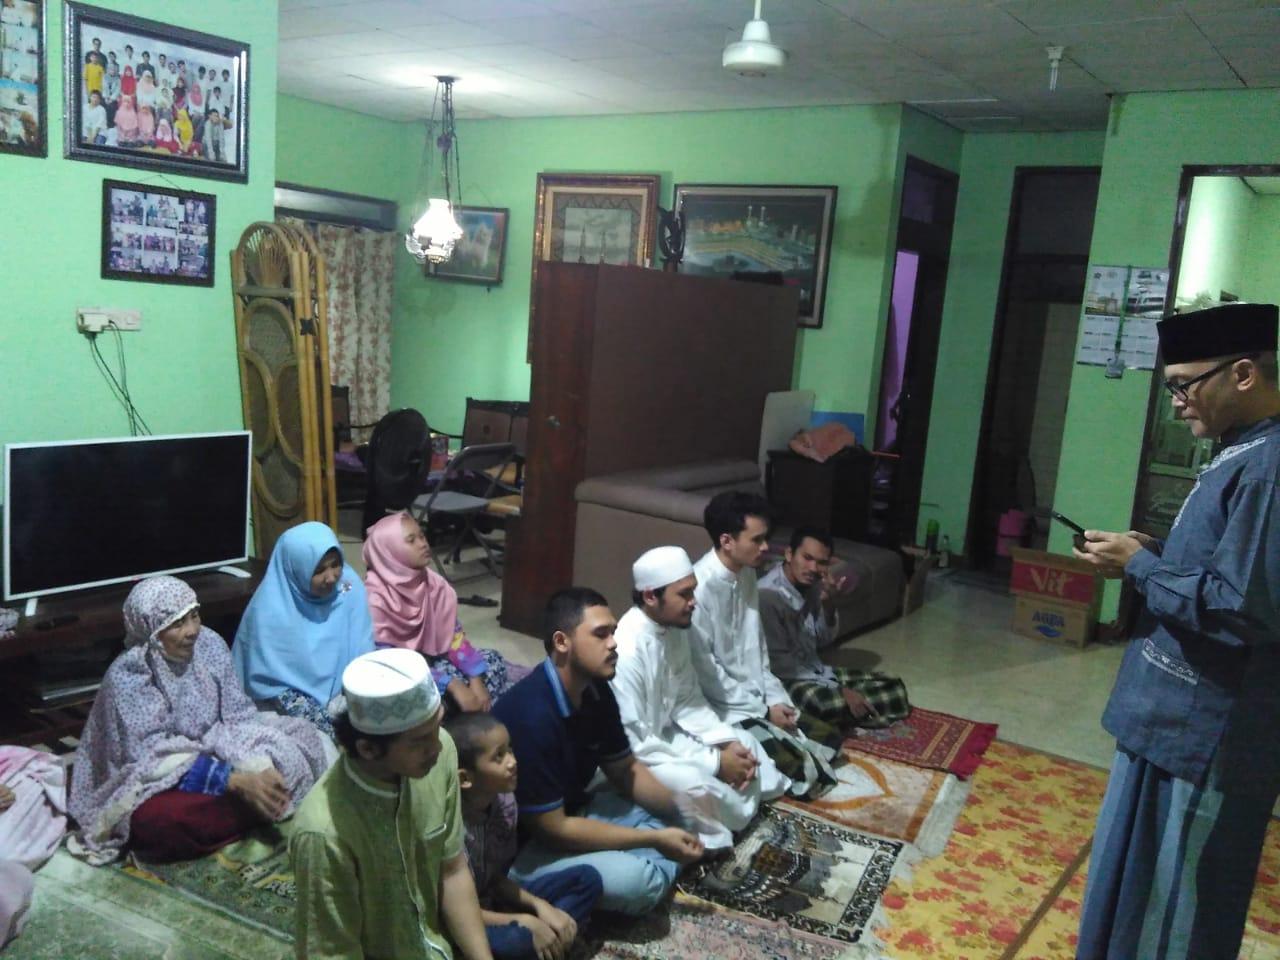 Ketua DPRD kota Bekasi, Chairoman Joewono Putro (CJP) menghelat sholat Iedul Fitri, 1 Syawal 1441 hijriyah bersama keluarganya di rumah, Senin, (25/5).